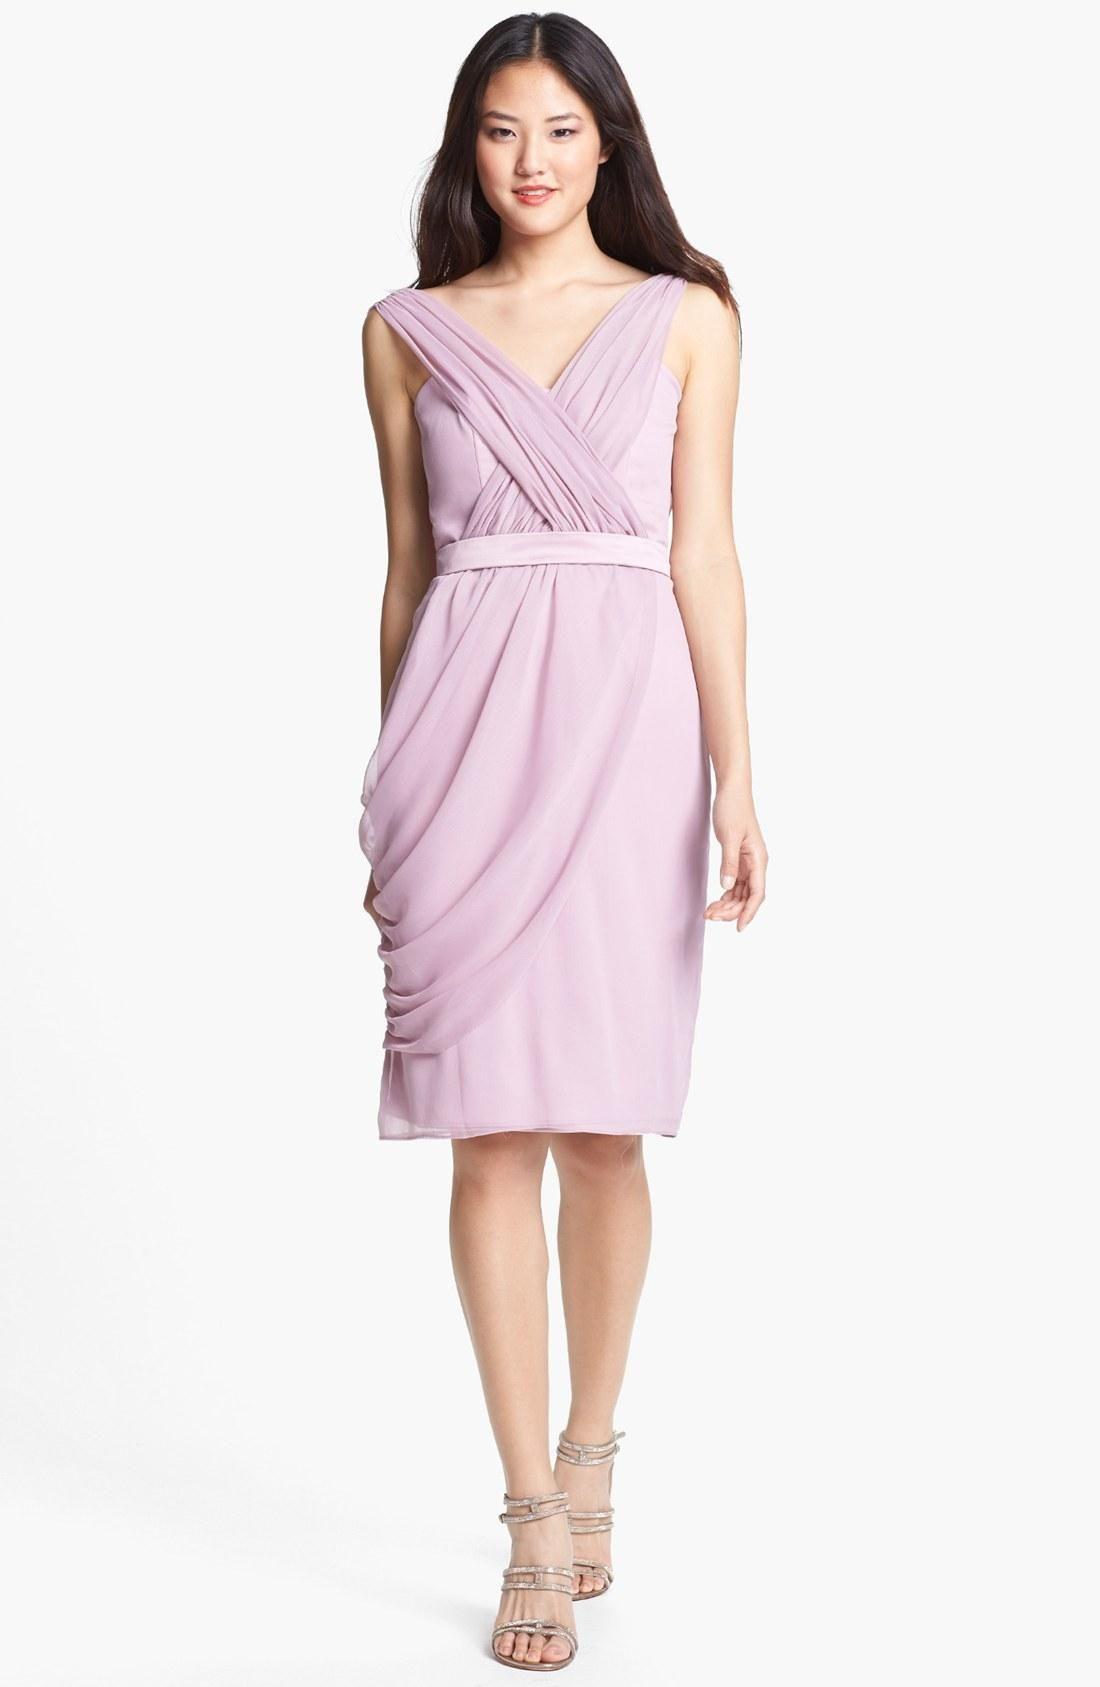 Fantástico Lela Rose Wedding Gowns Bosquejo - Colección de Vestidos ...